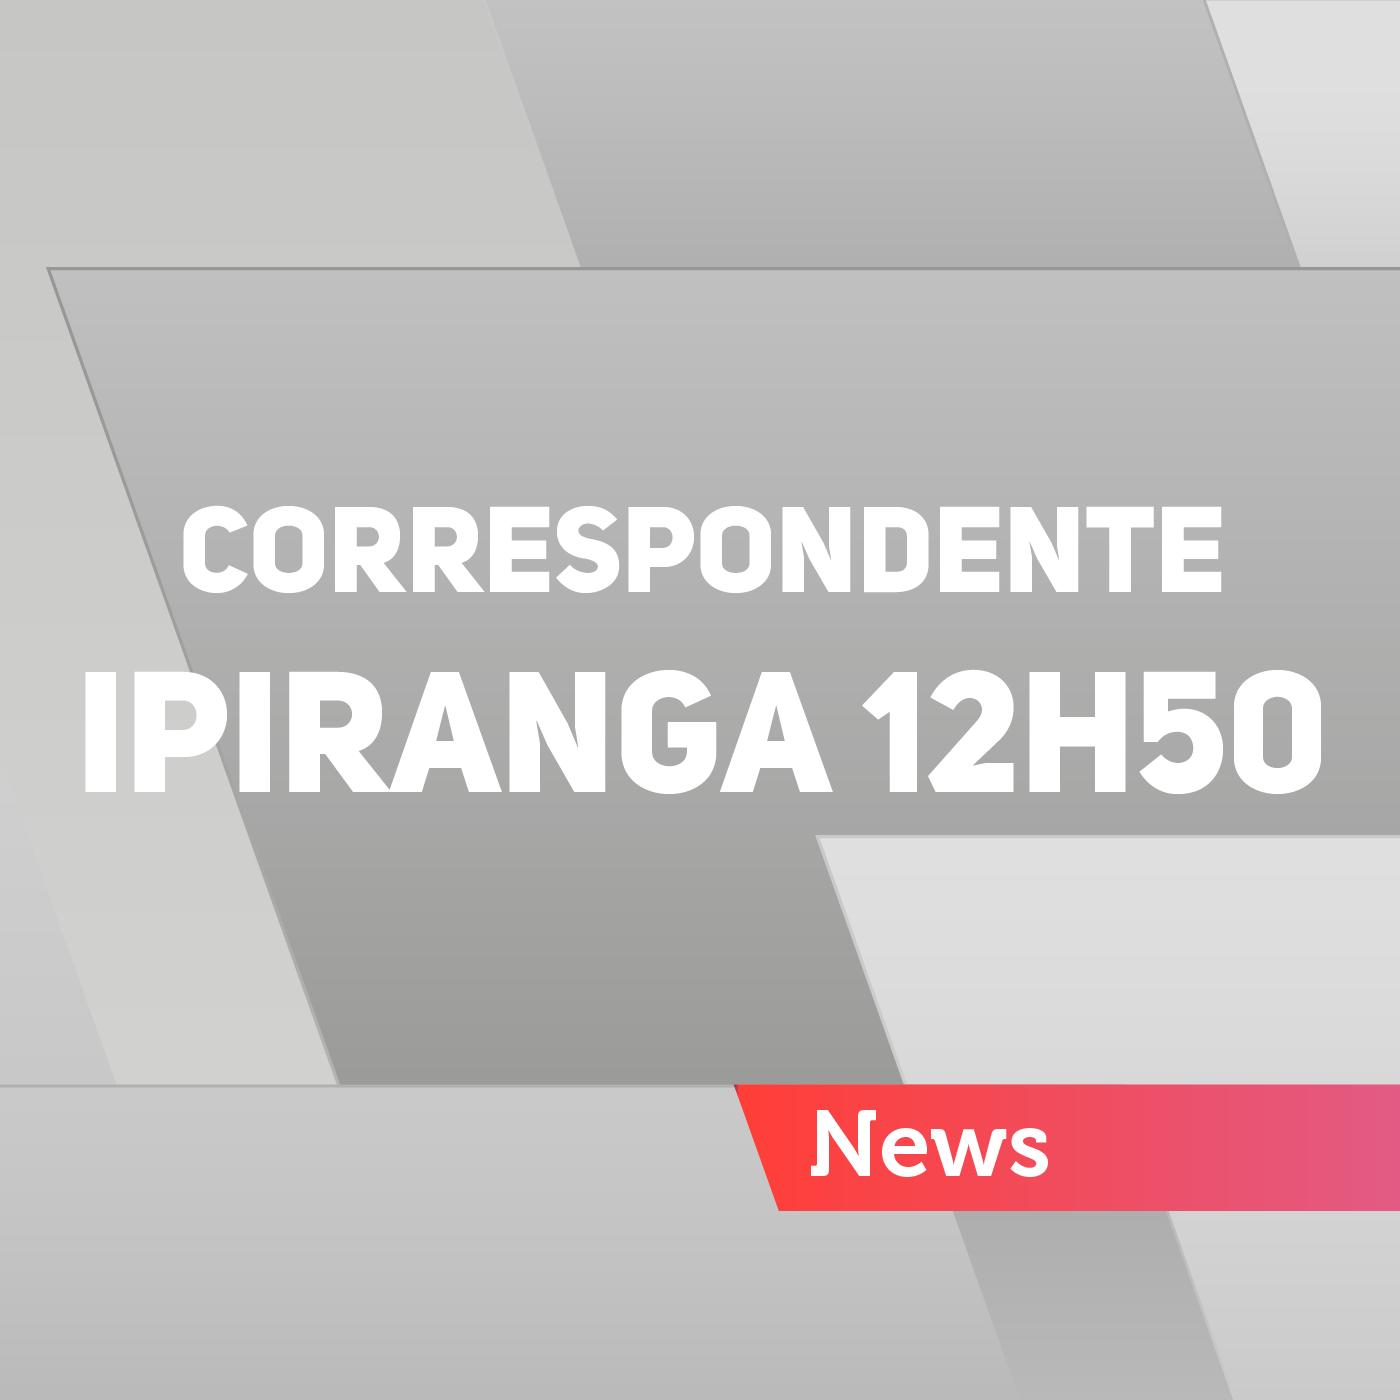 Correspondente Ipiranga 12h50 – 21/08/2017